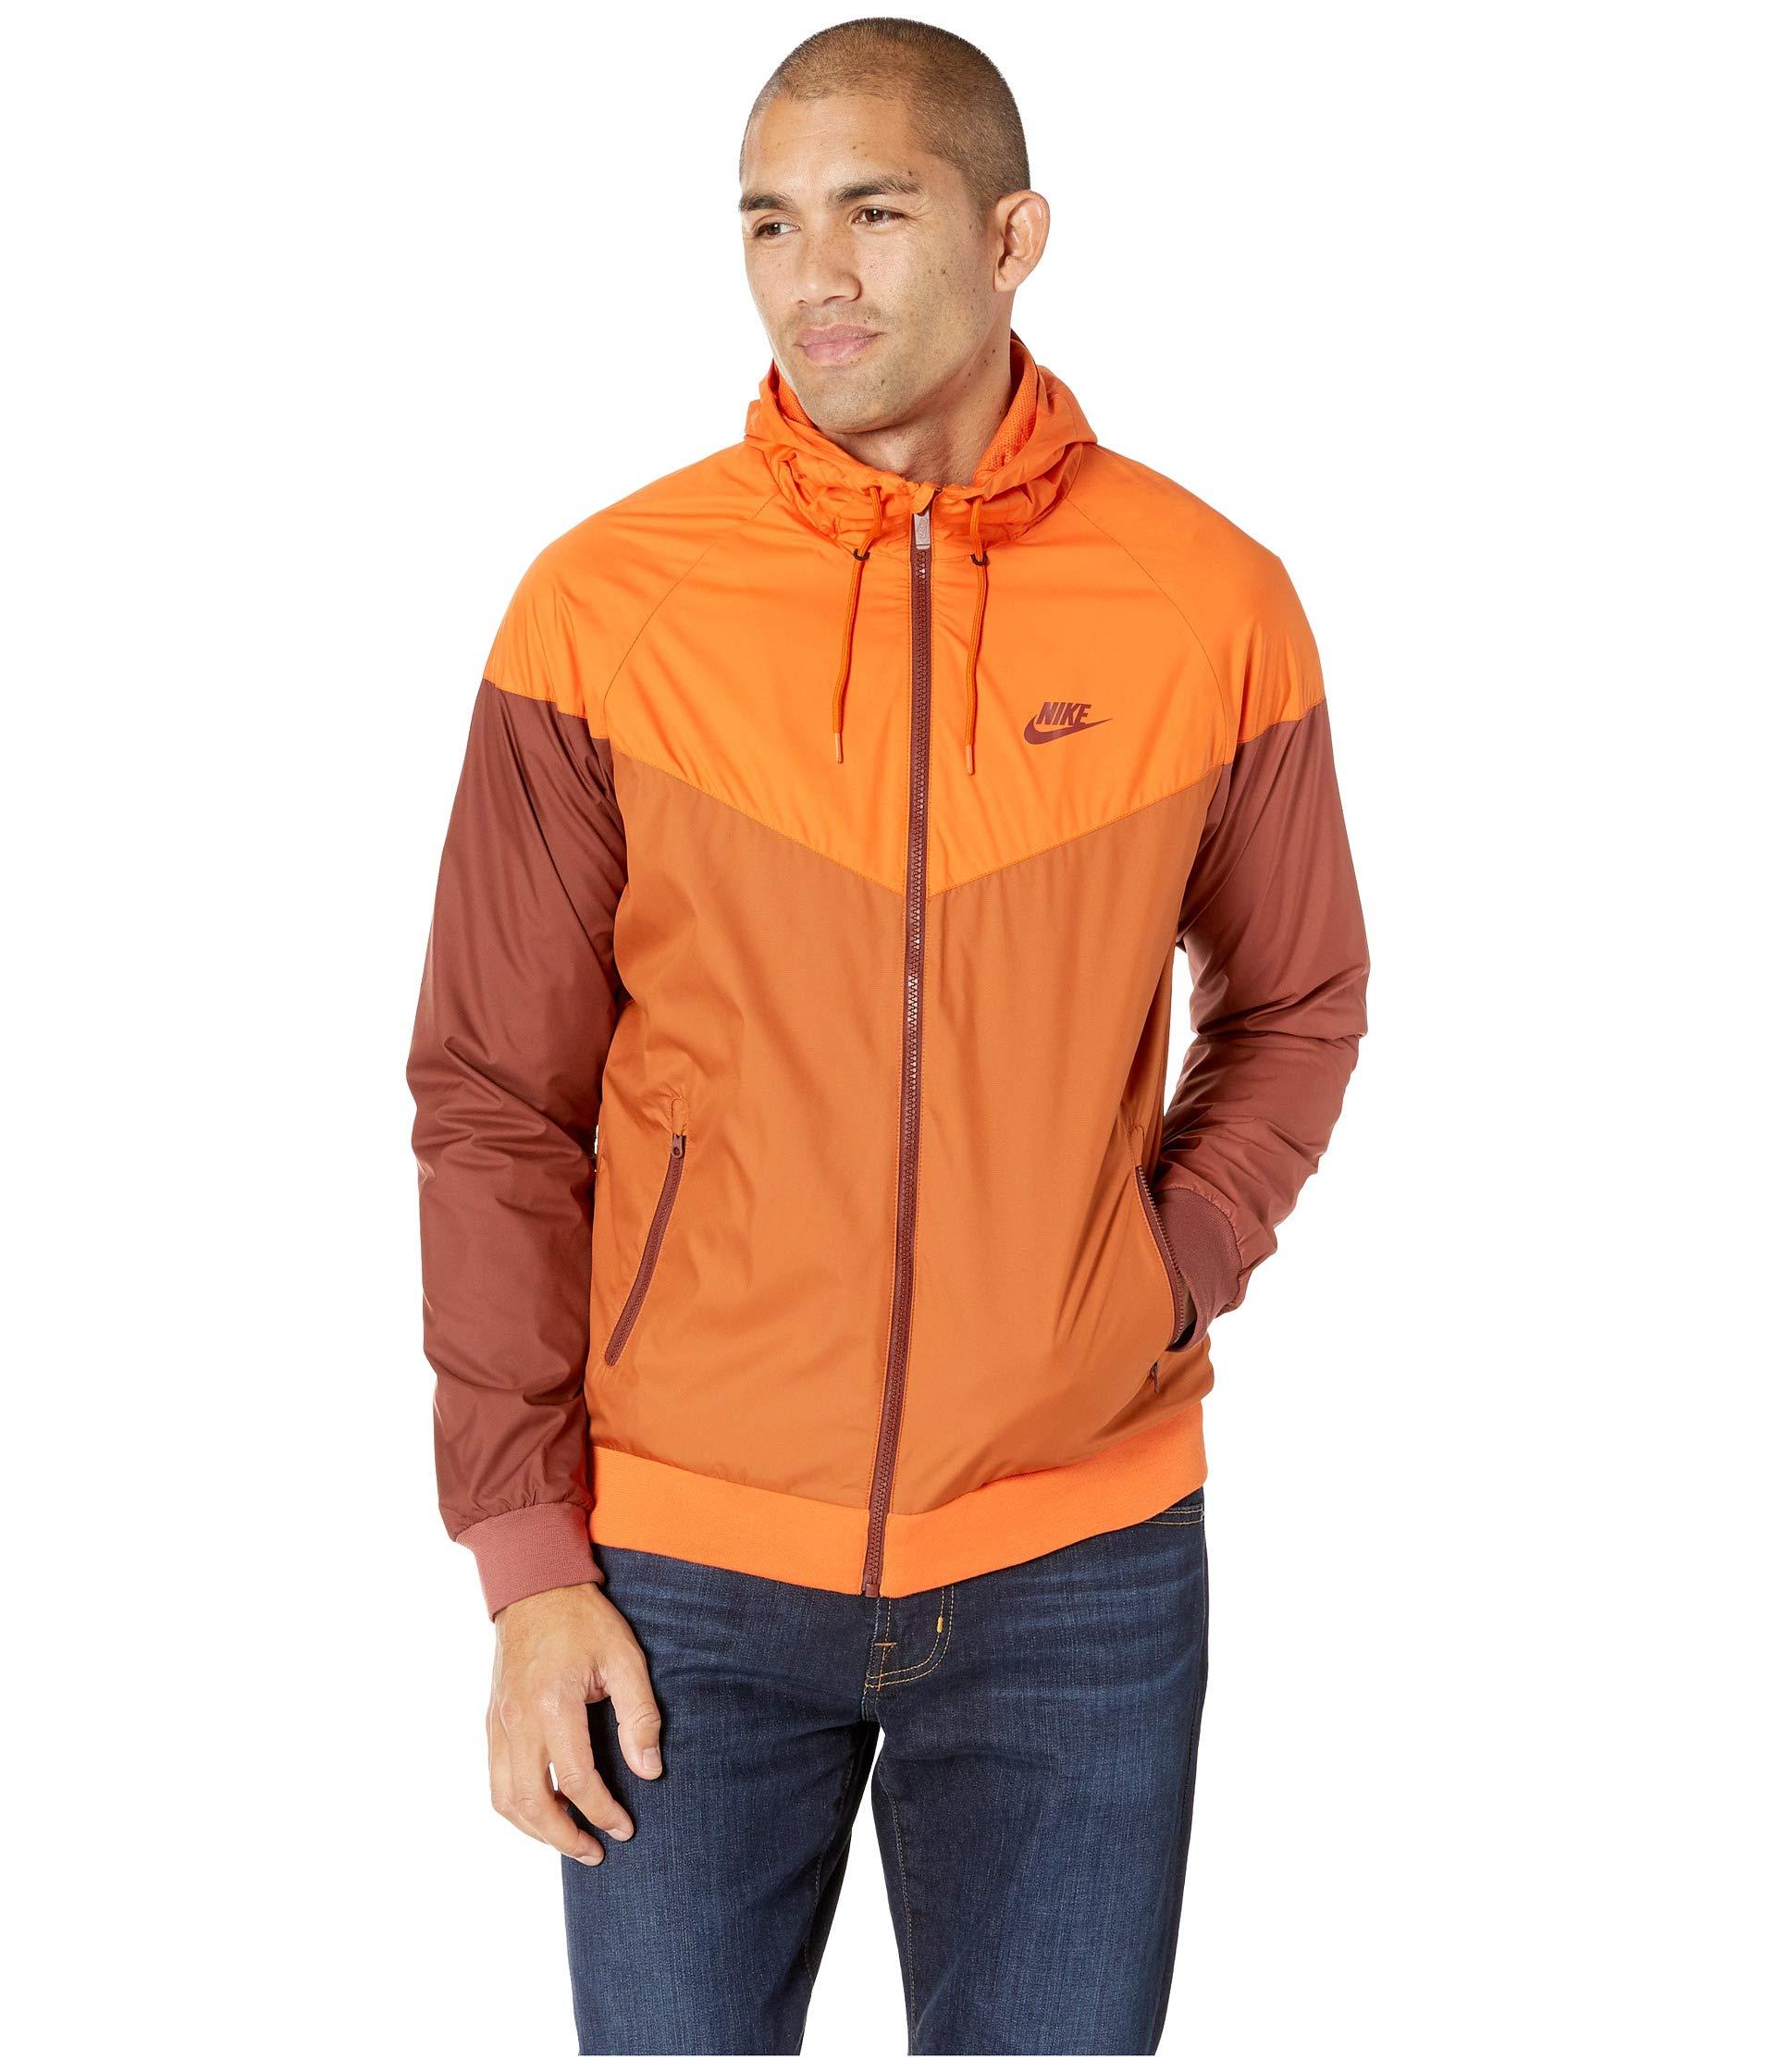 Nike Men's Windrunner Full Zip Jacket (Cmpfre Ornge/Dk Russet/Small) by Nike